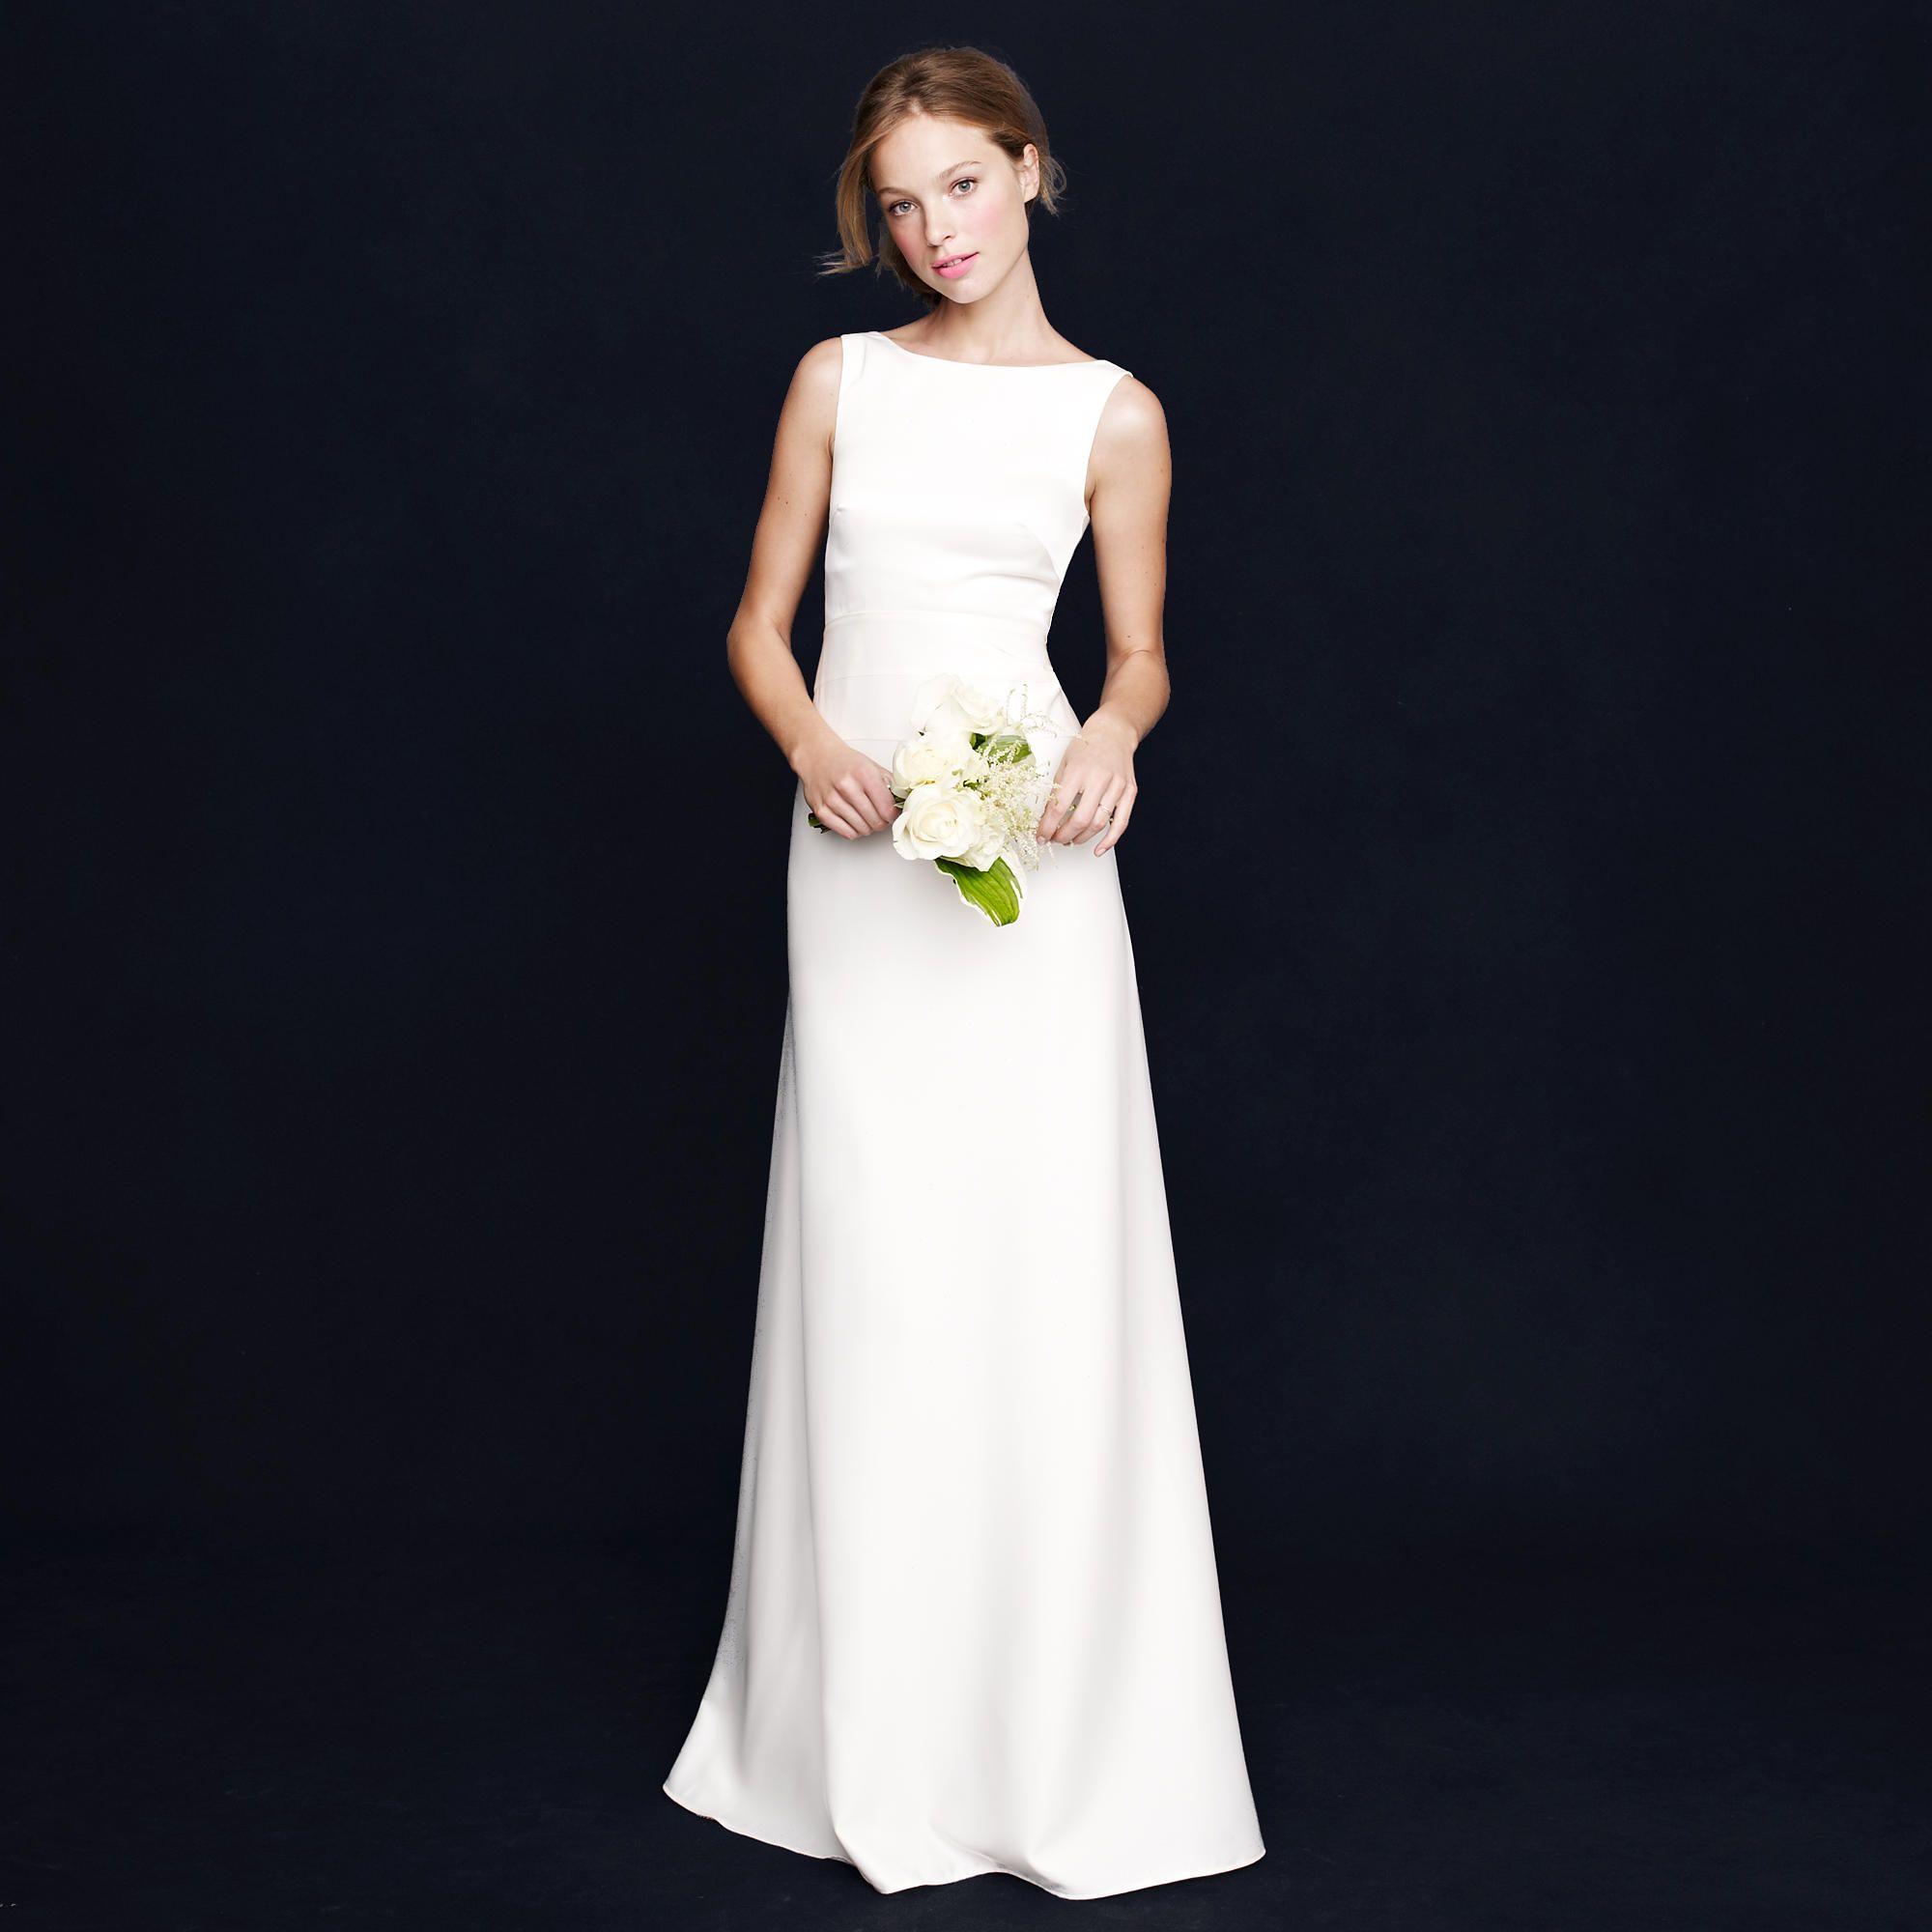 Jcrew wedding dress  jcrewatweddingWeddingBridegownsPRDOVR